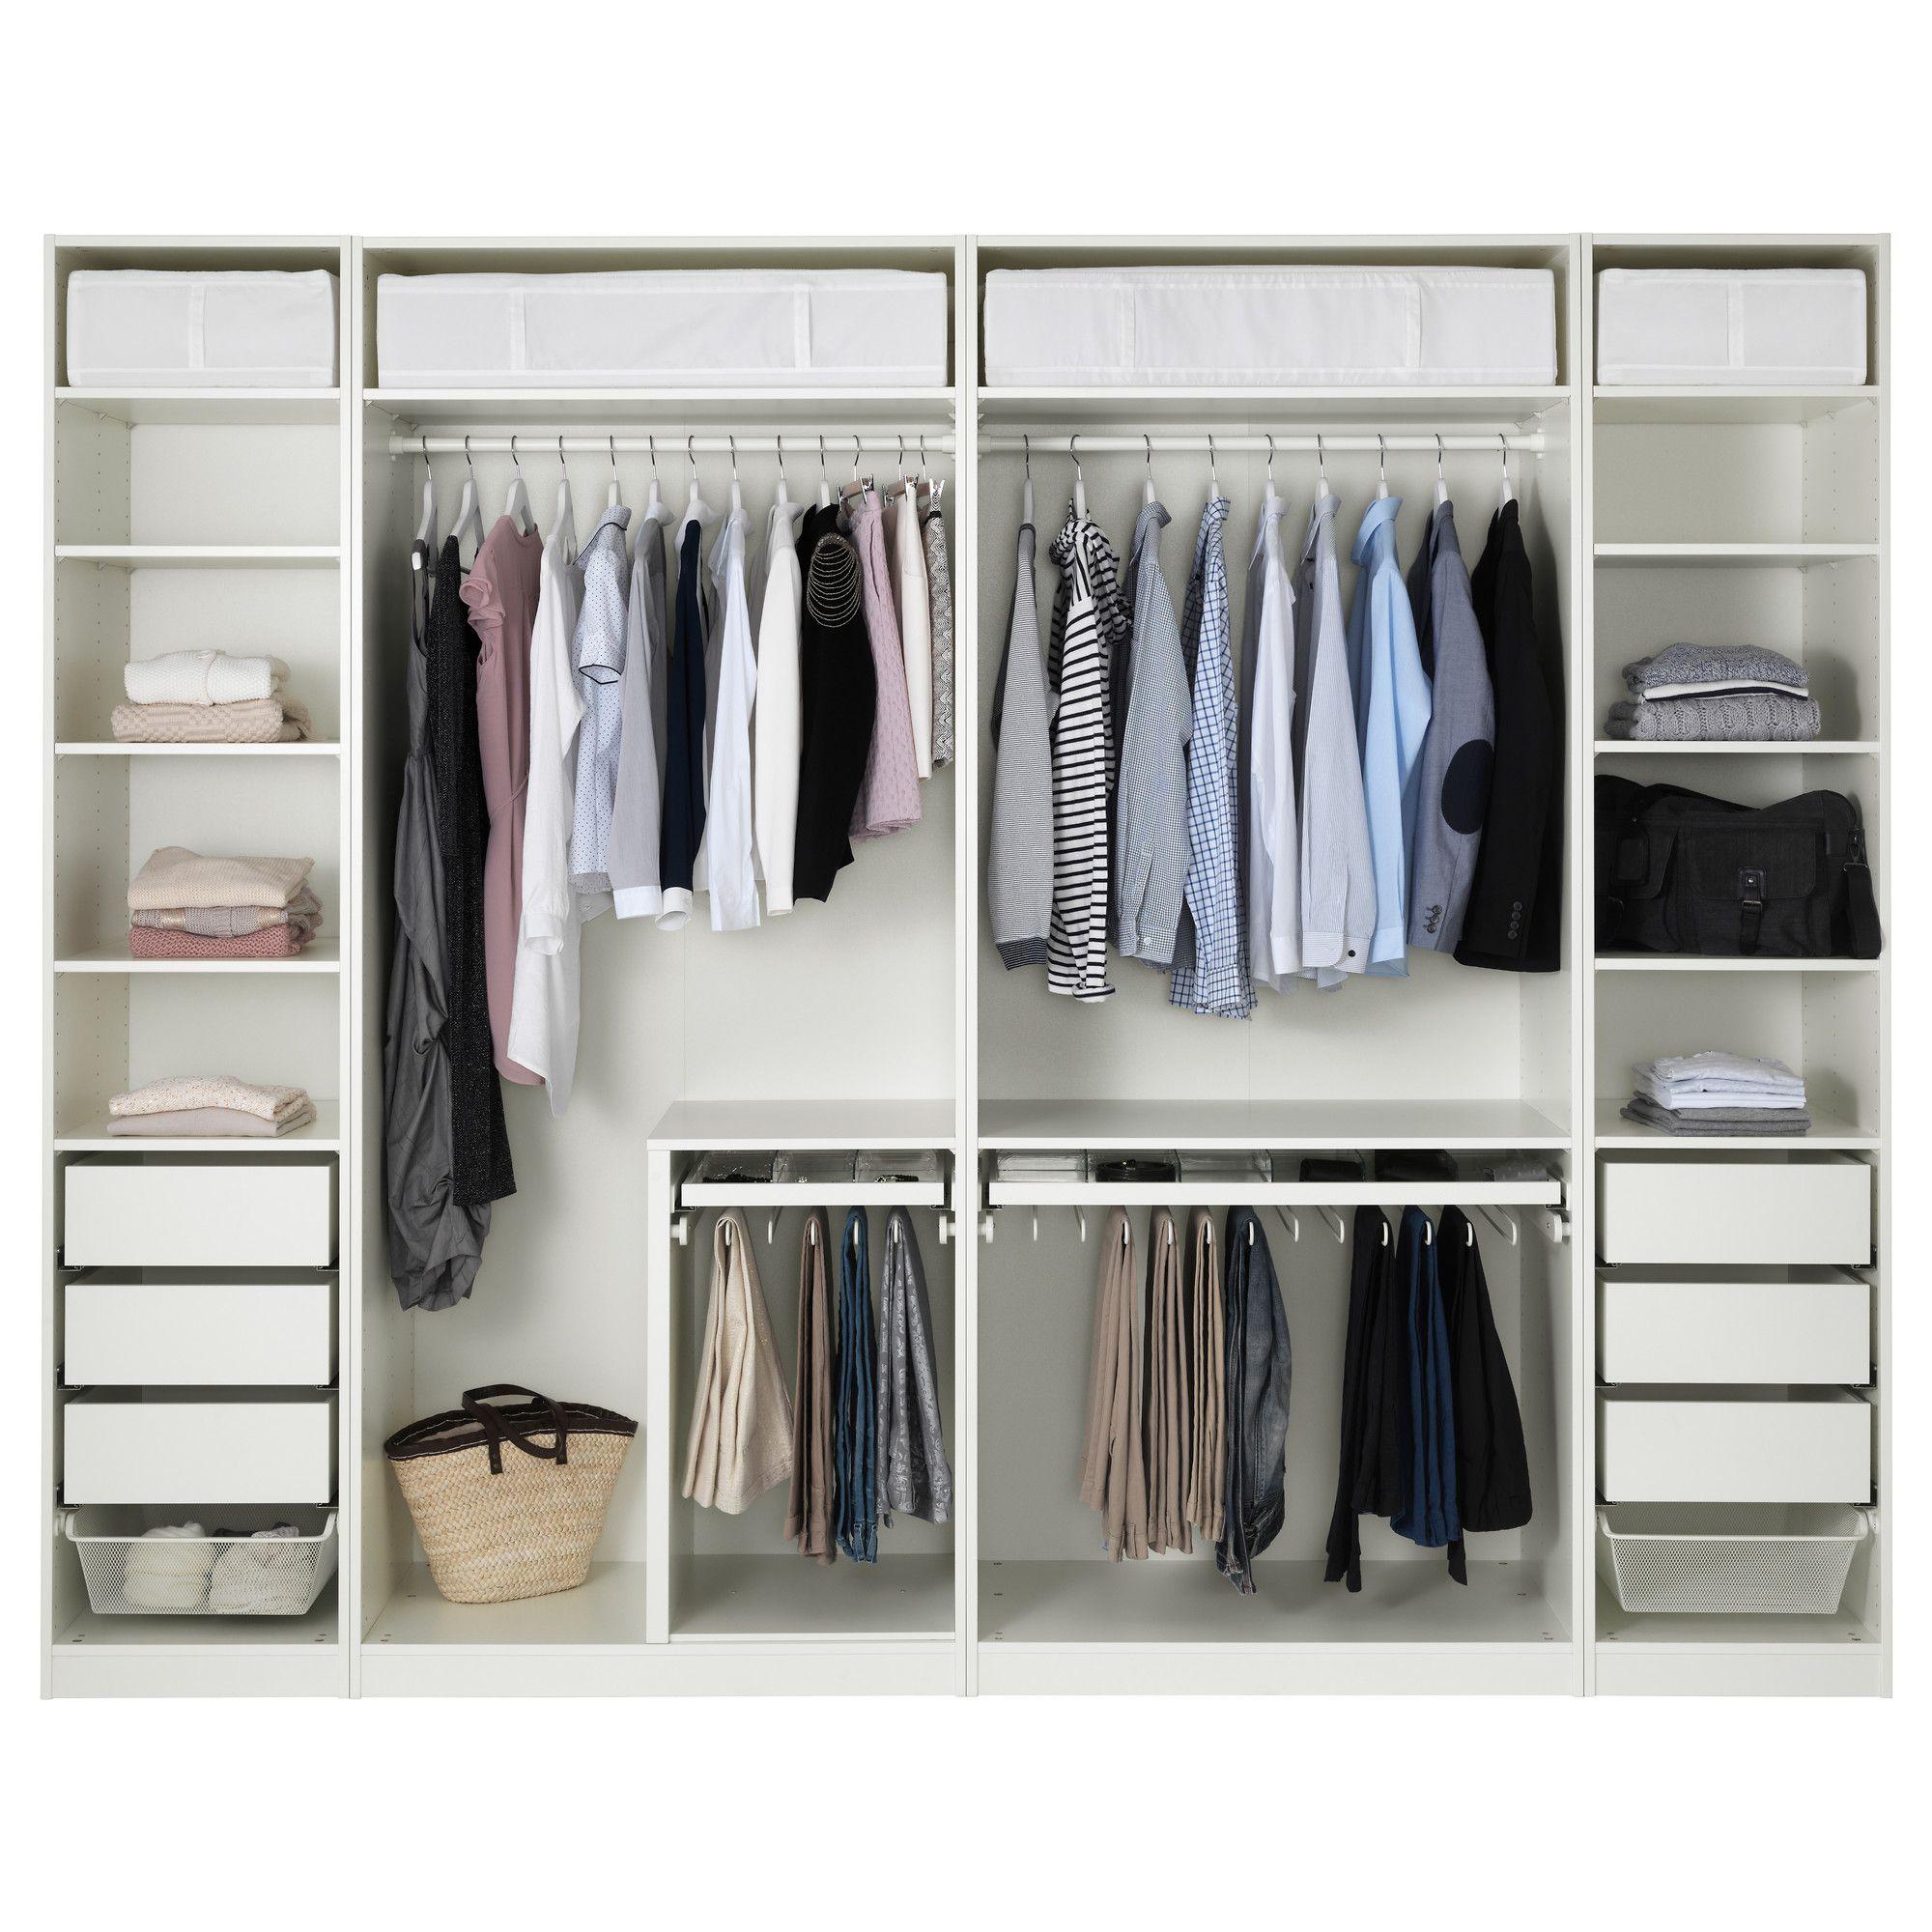 PAX Kleiderschrank, weiß | Ikea pax kleiderschrank, Ikea pax und Pax ...